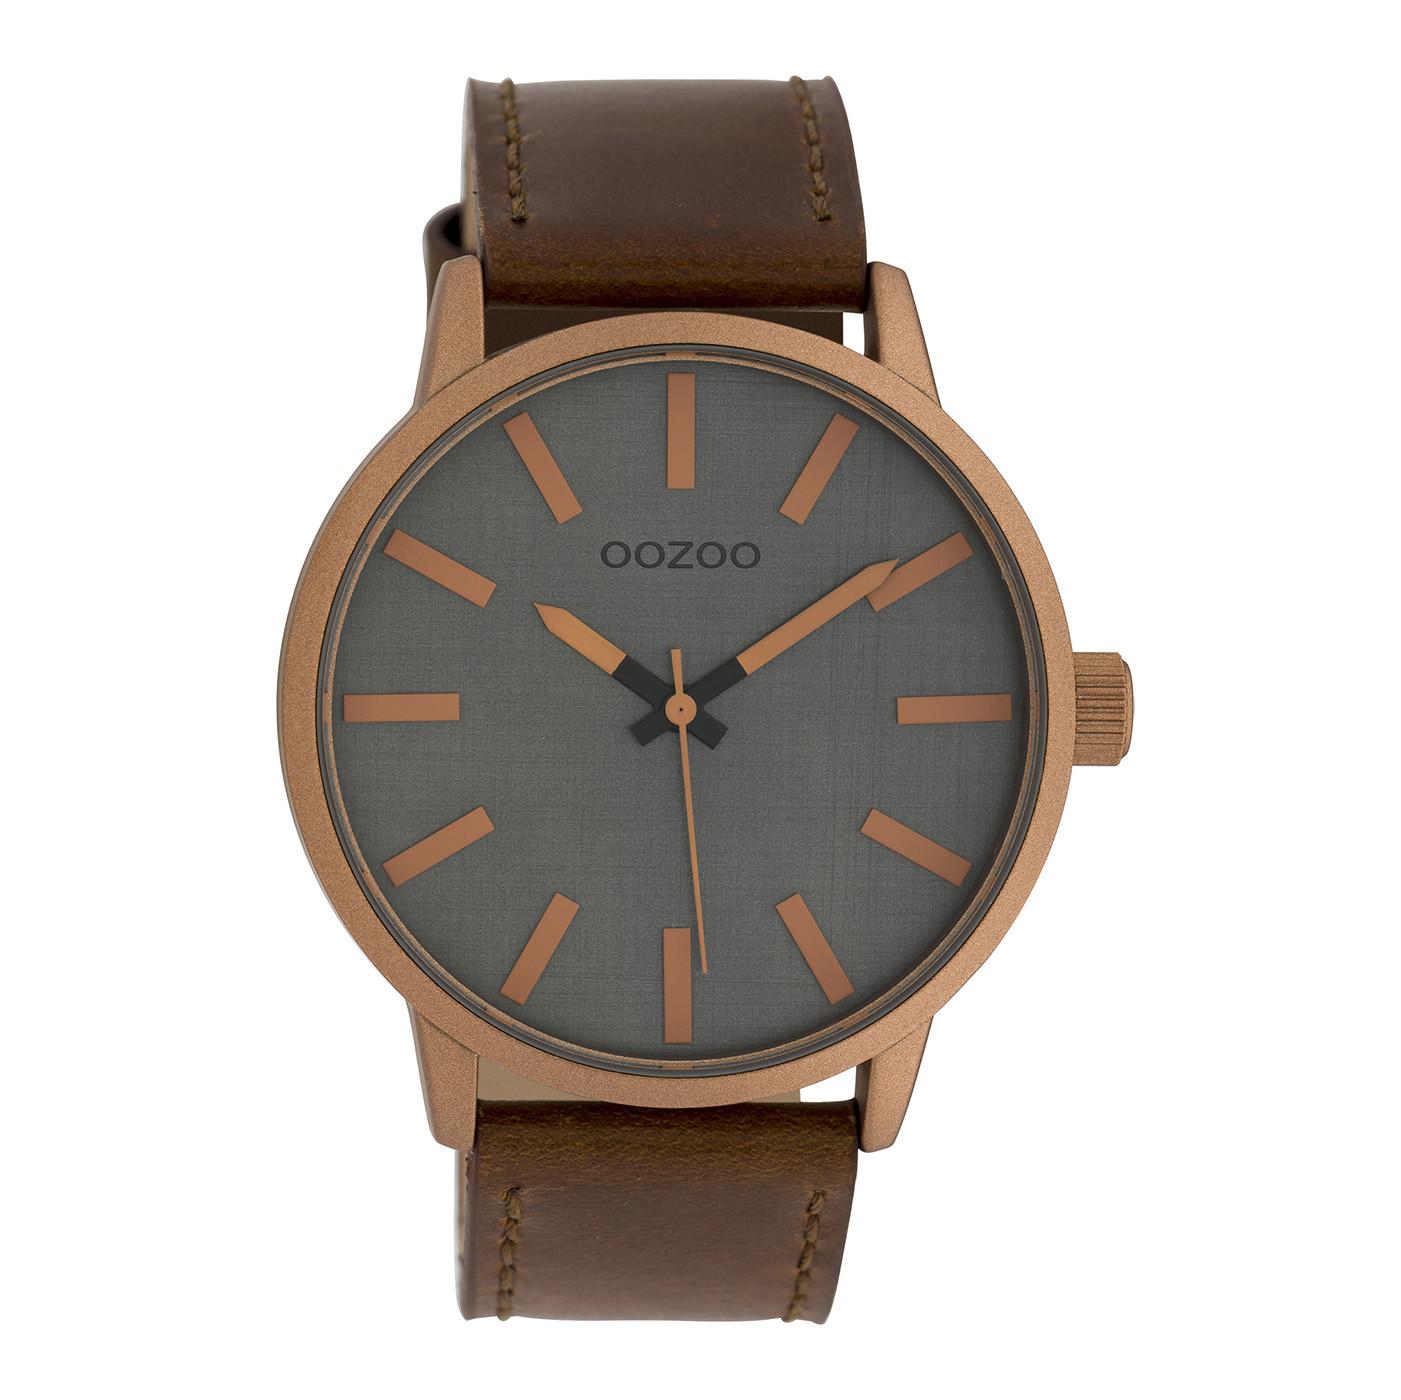 OOZOO C10033 Horloge Timepieces Collection grijs cognac 45 mm